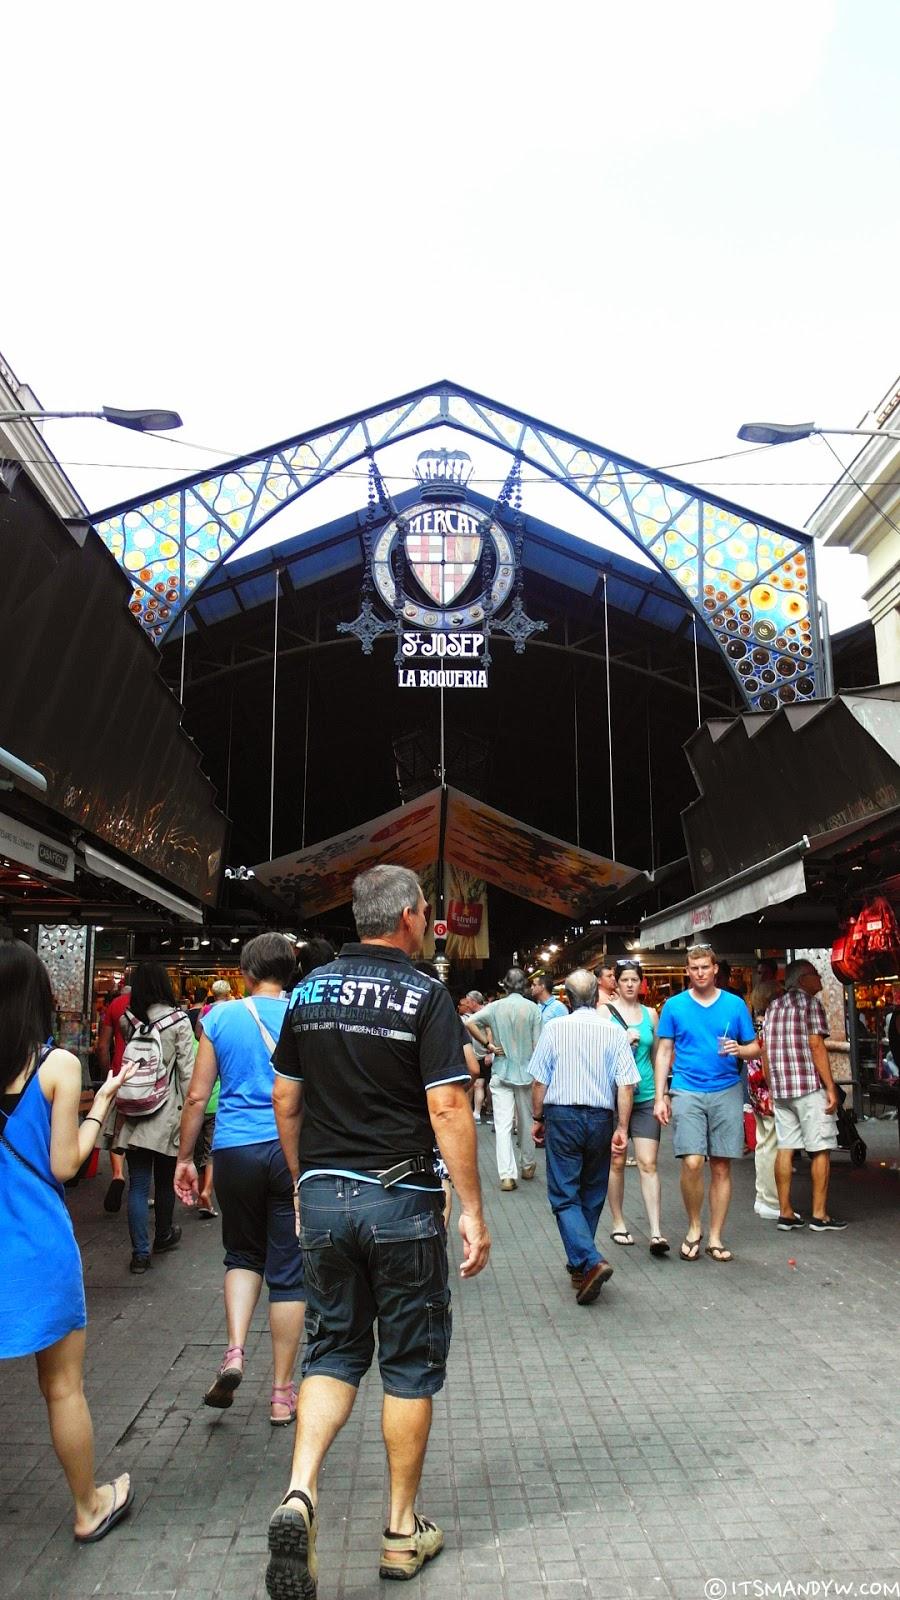 🇪🇸 西班牙 | La Boqueria : 熱情奔放的傳統市場